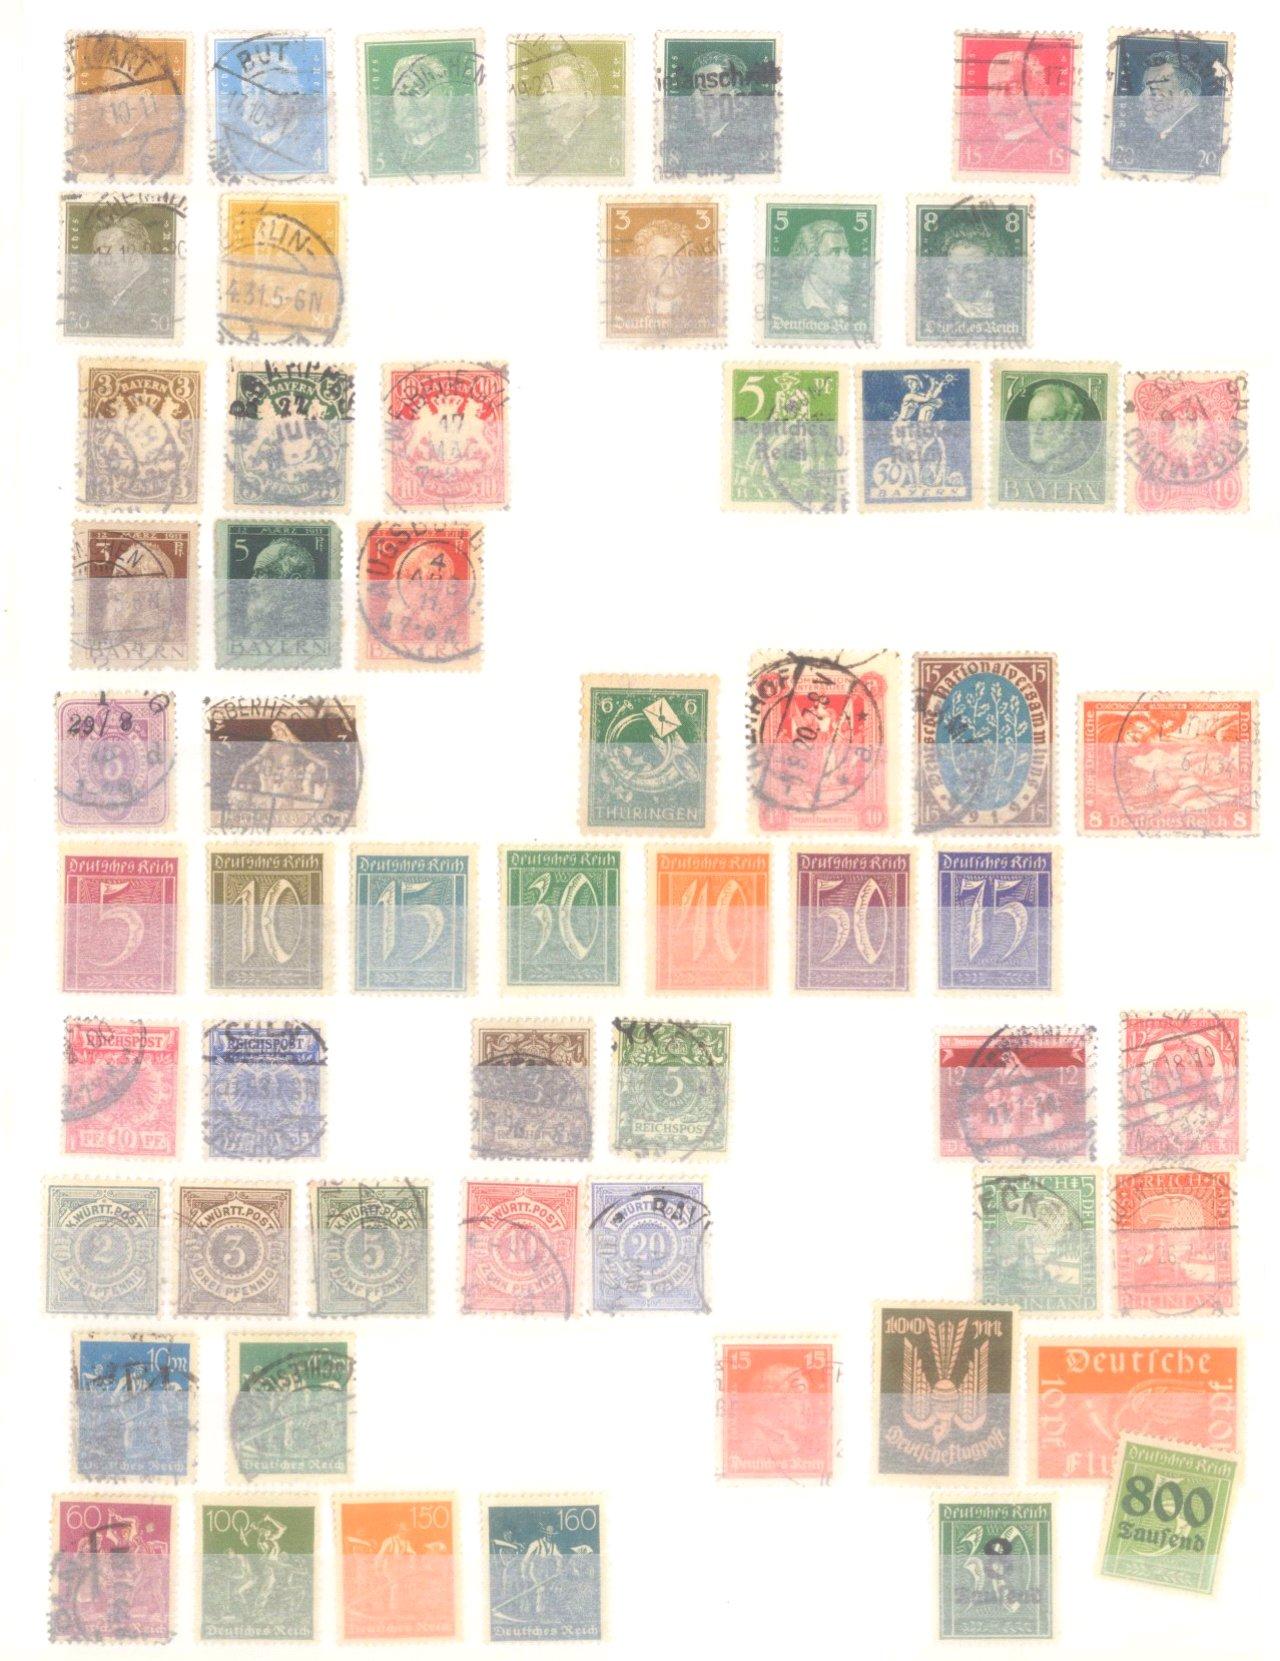 Kleine Sammlung Deutsches Reich, Bund, Alle Welt, DDR-1